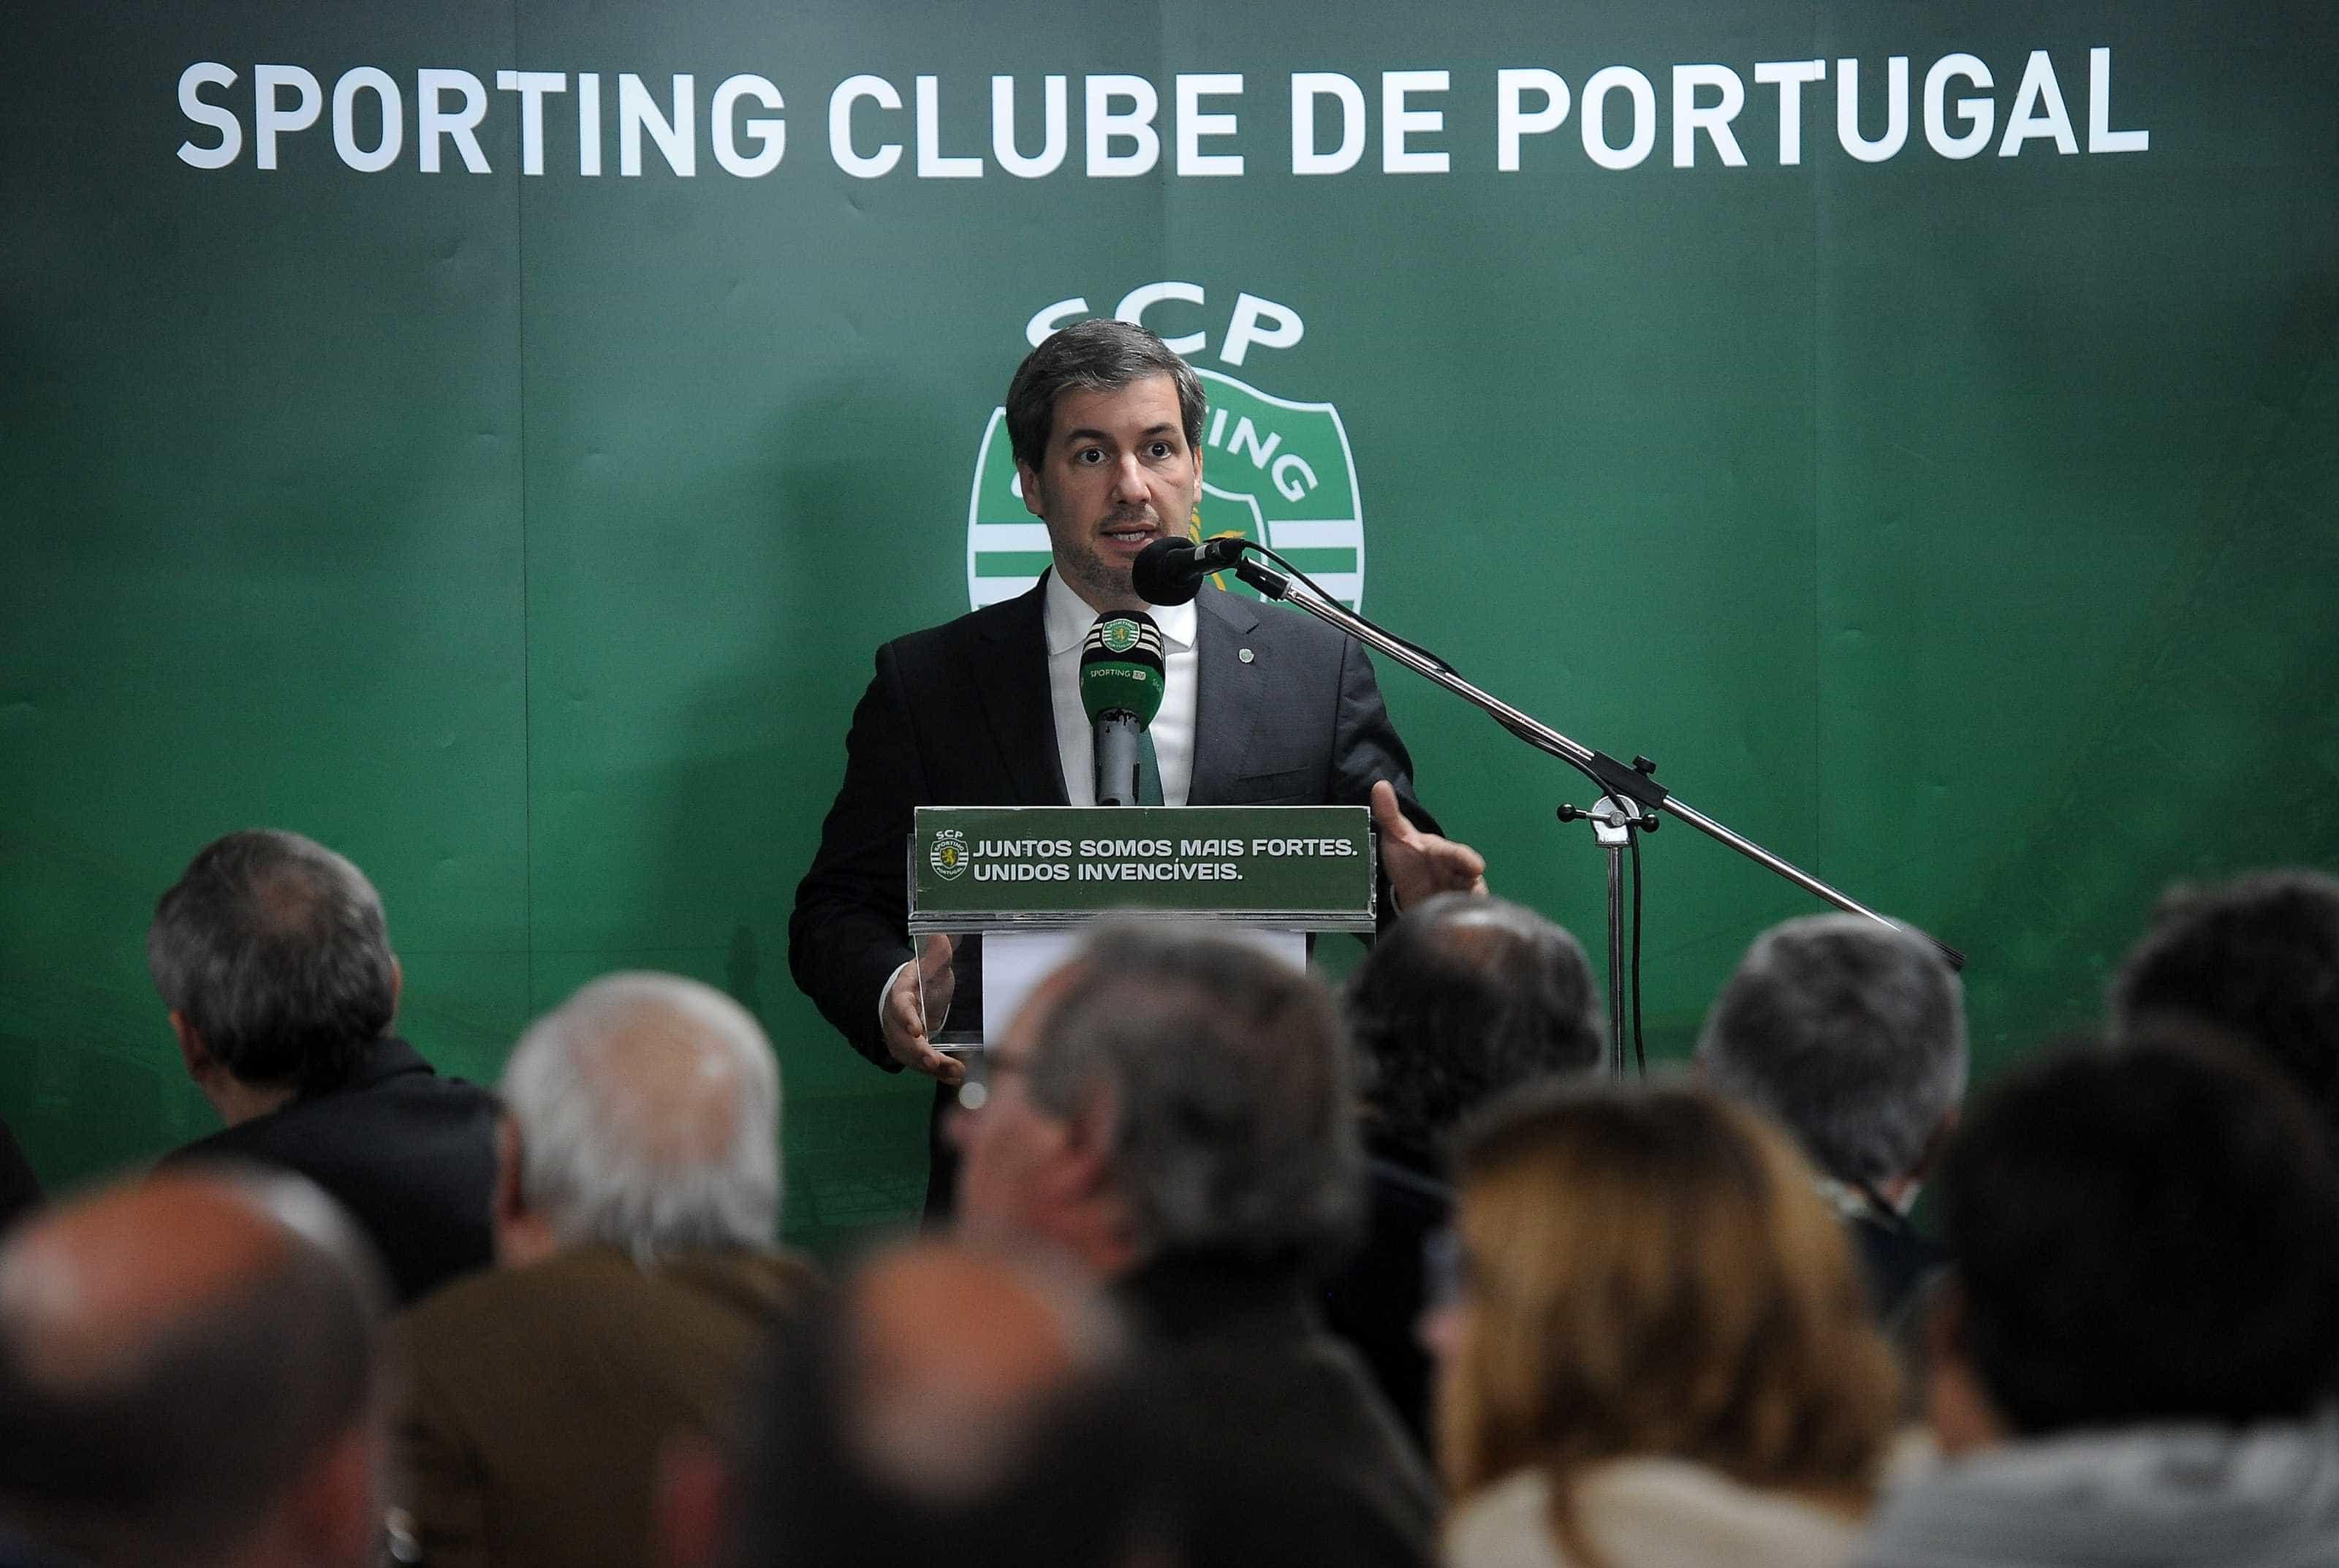 Sporting e Bruno de Carvalho domina interesse no Google